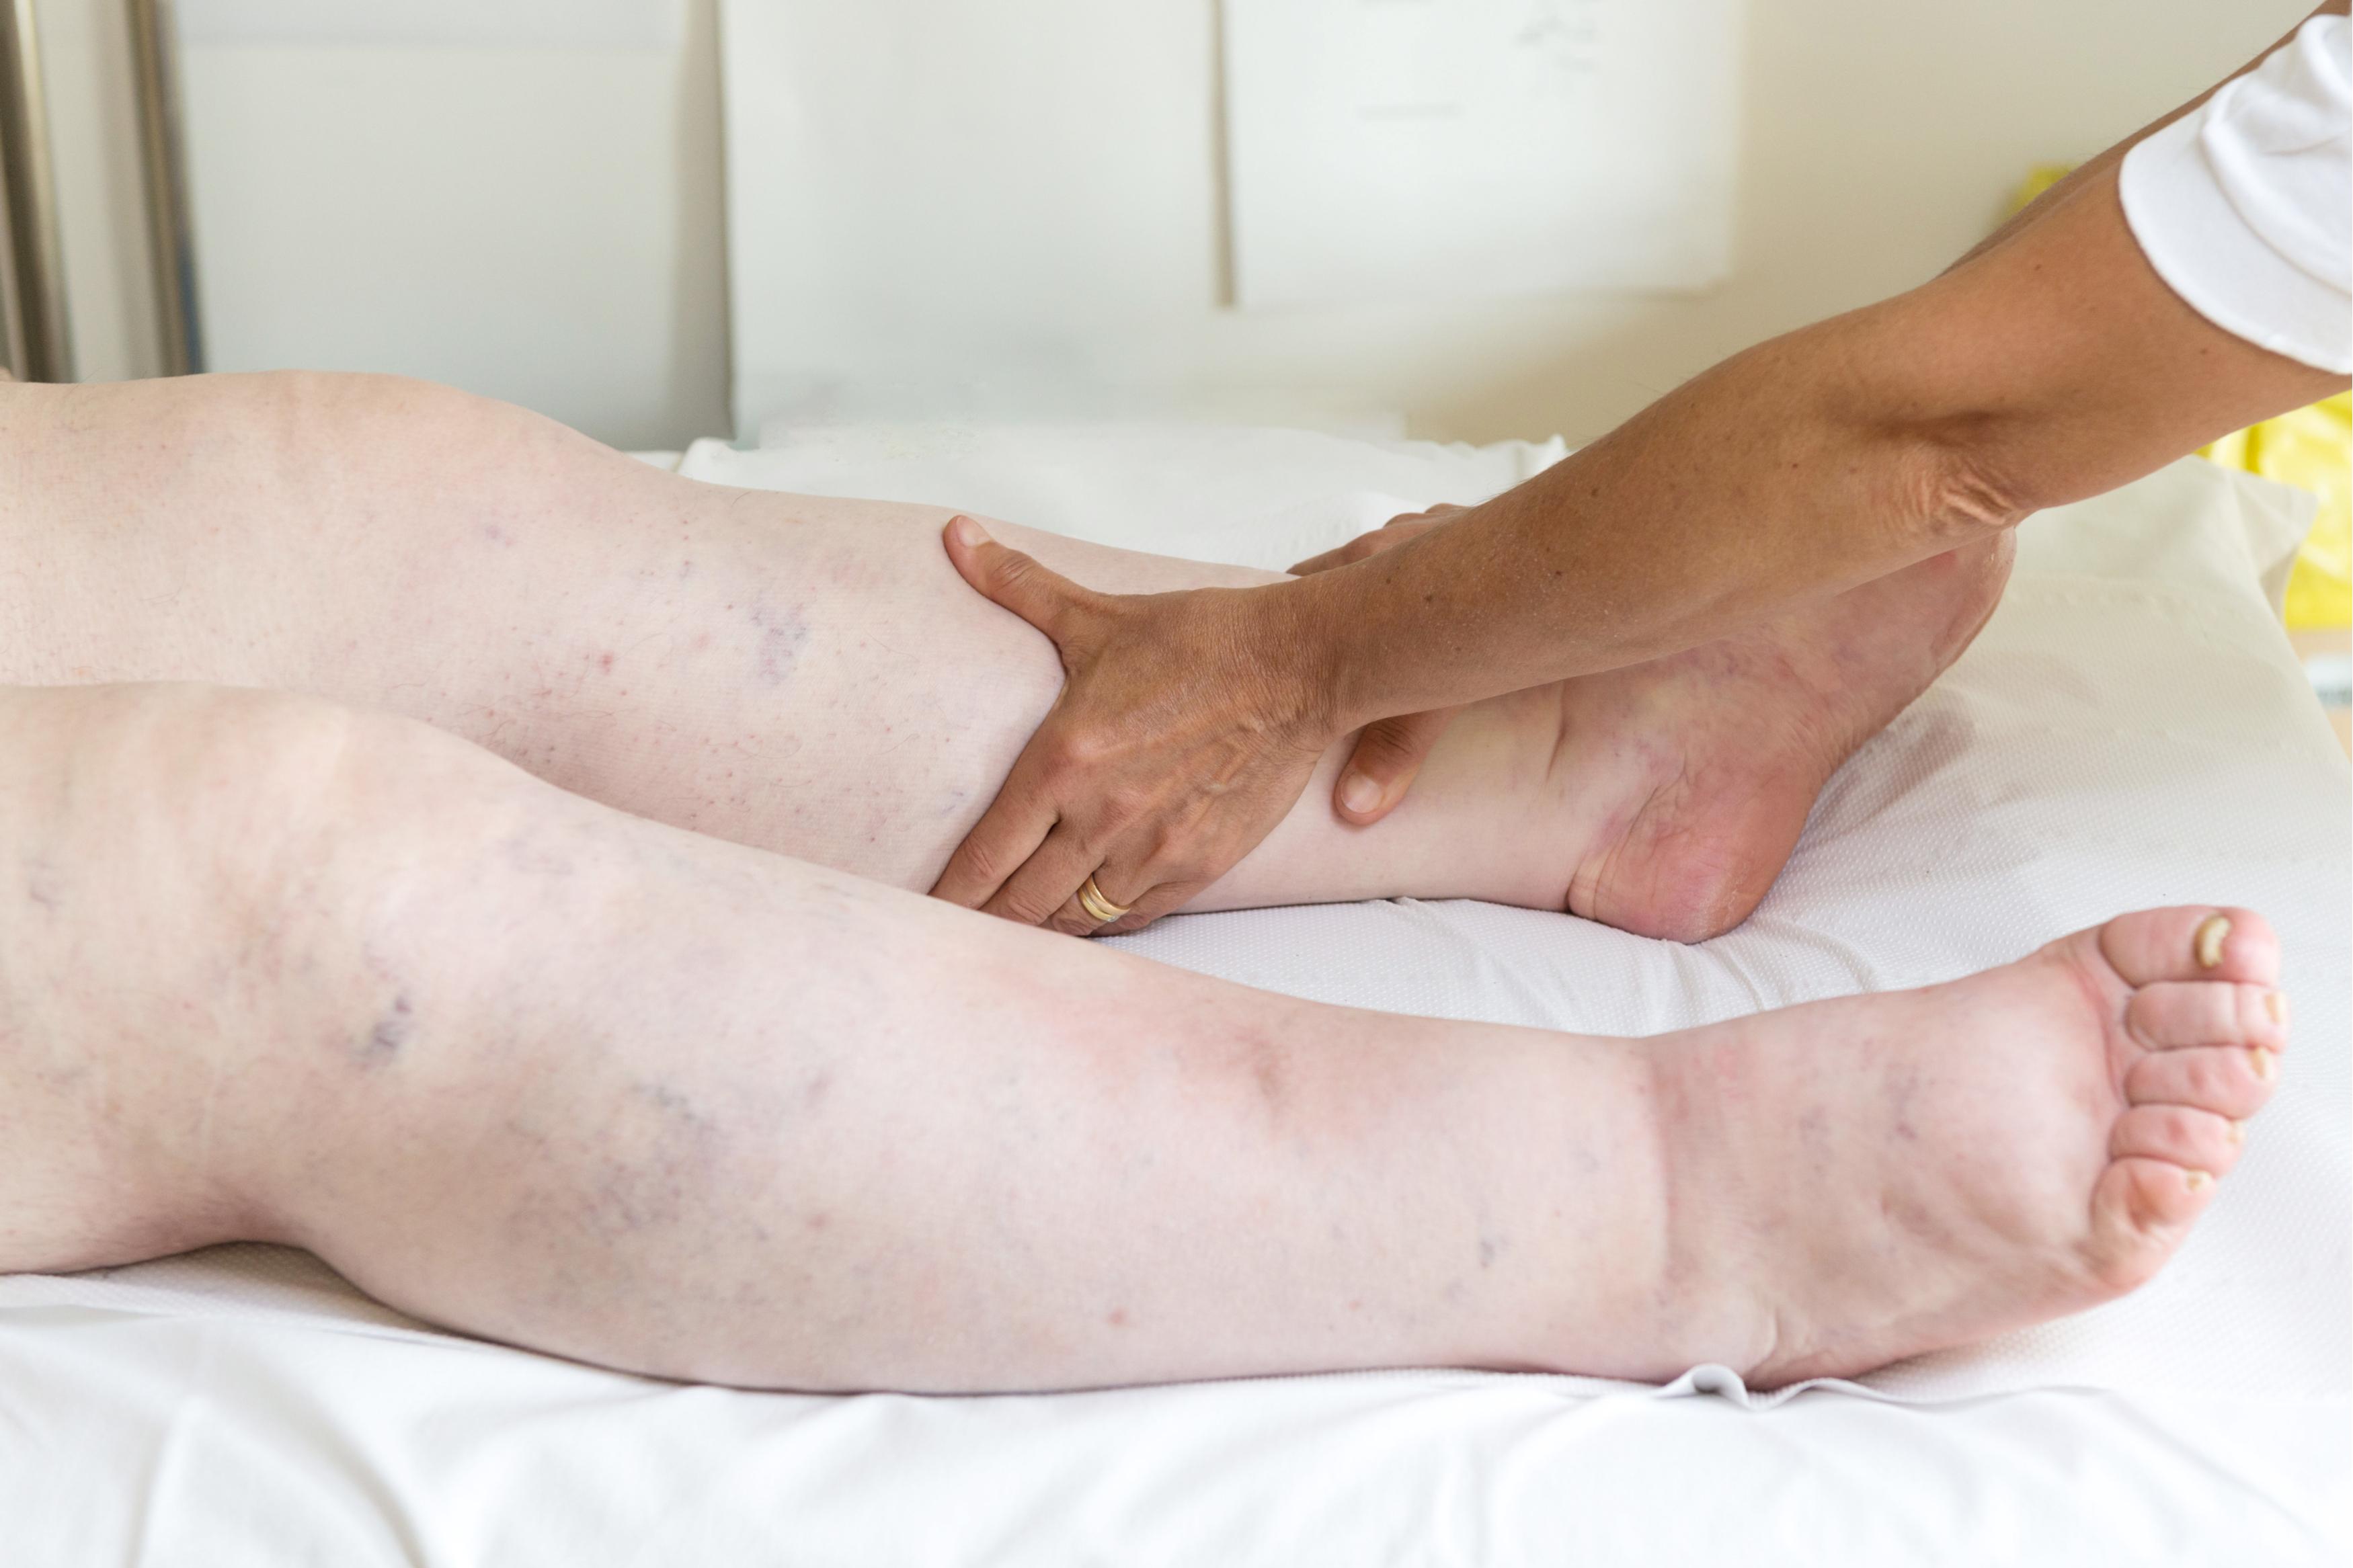 picioare umflate cauza tratament pentru deformarea artrozei gleznei